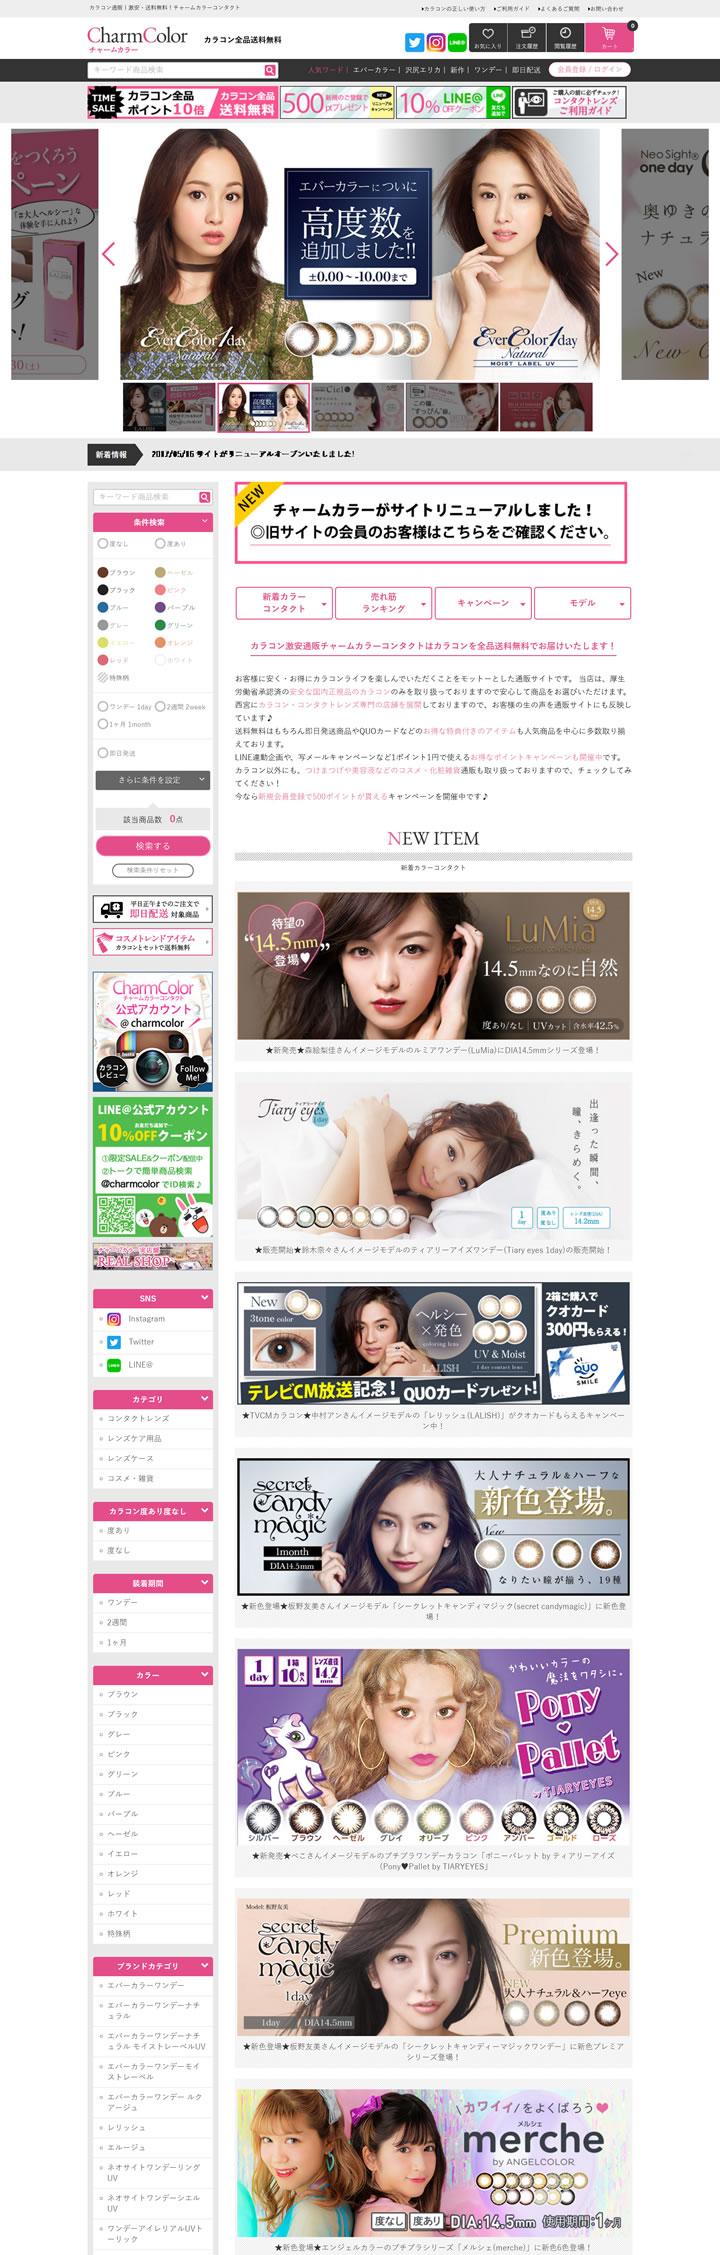 日本最大的彩色隐形眼镜销售网站:CharmColor